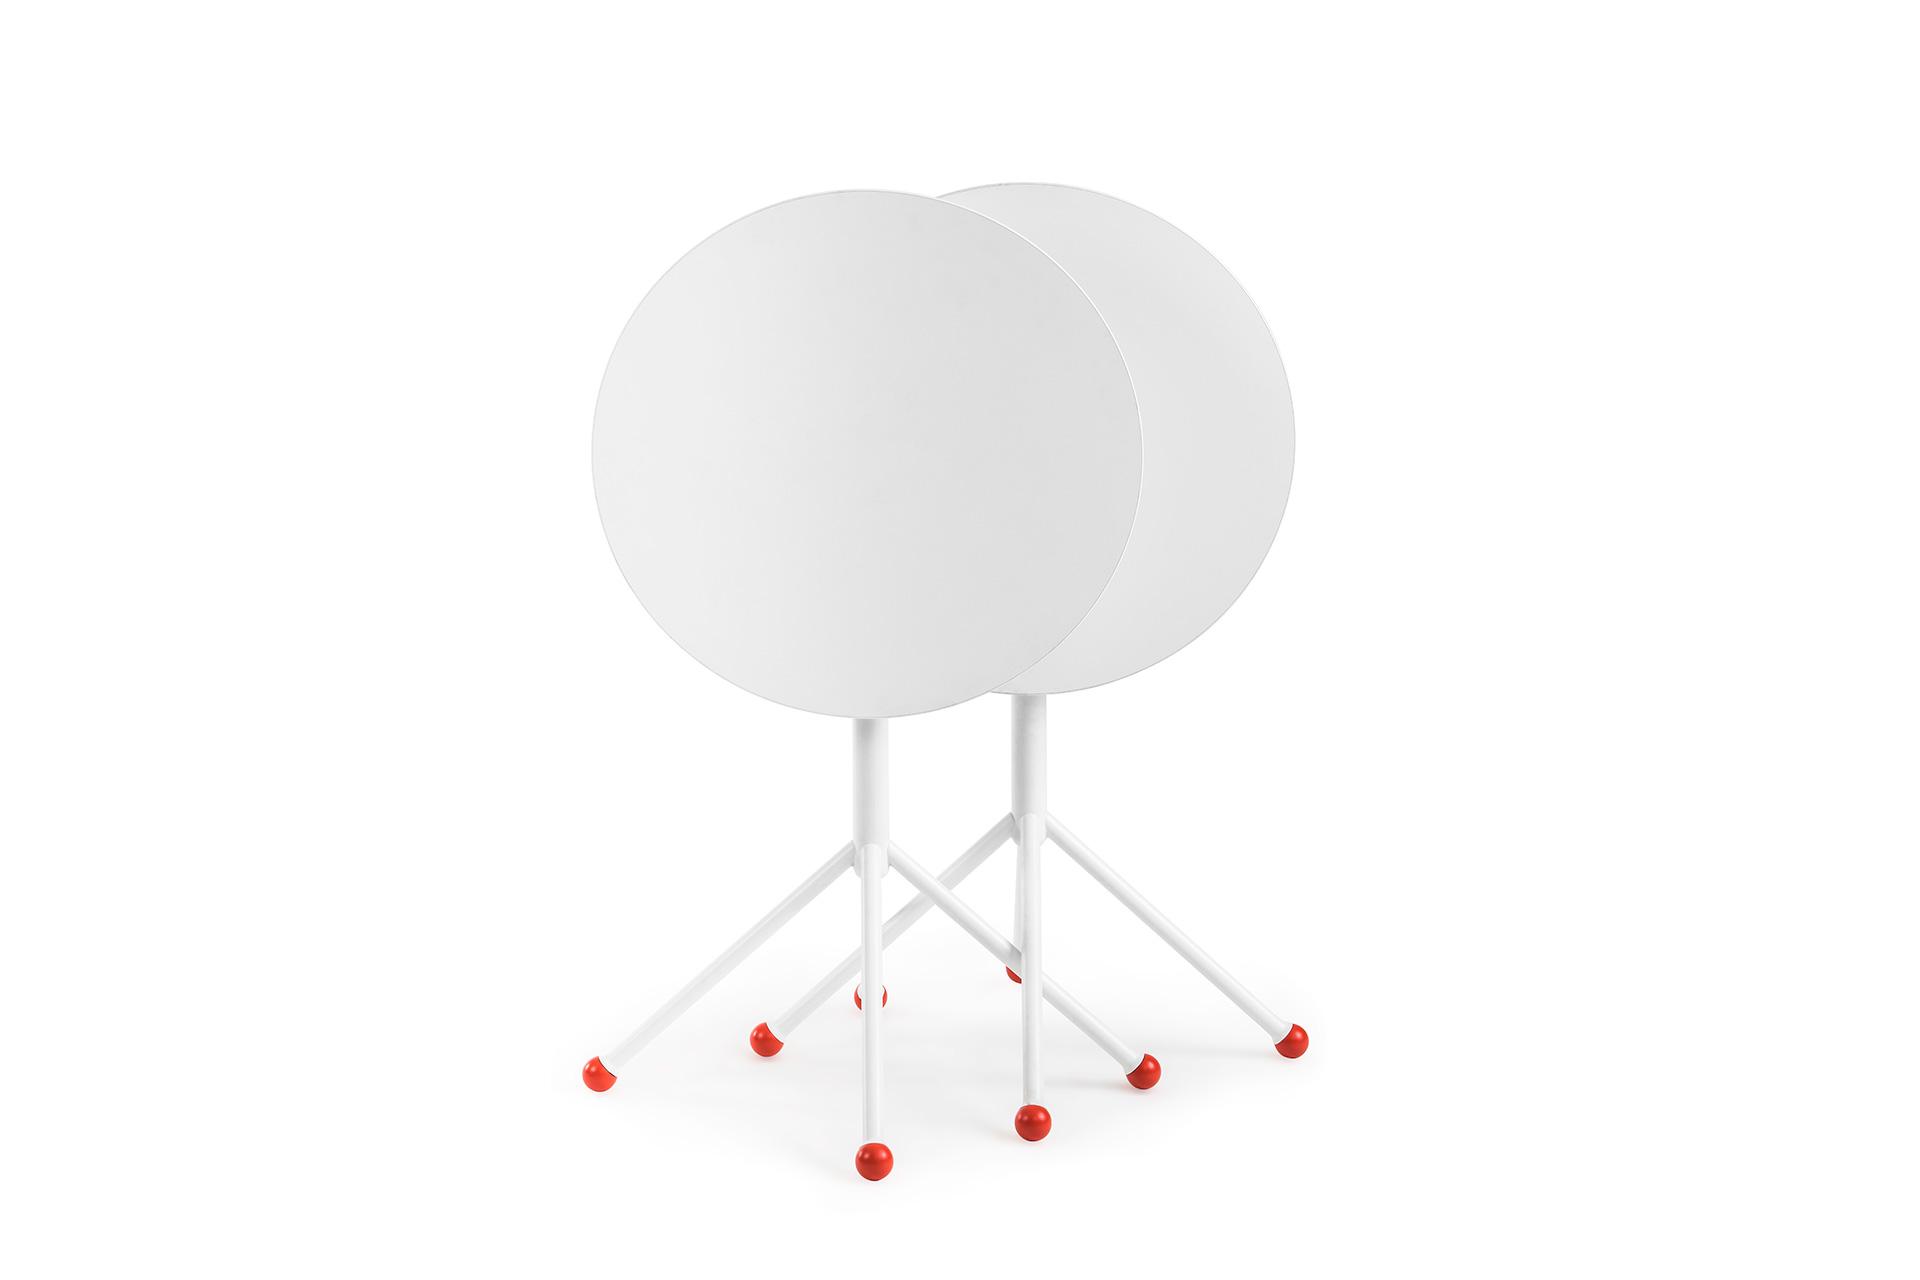 Omode-Schweiz-Moebel-Design-TIP-Mara-EVENT00004